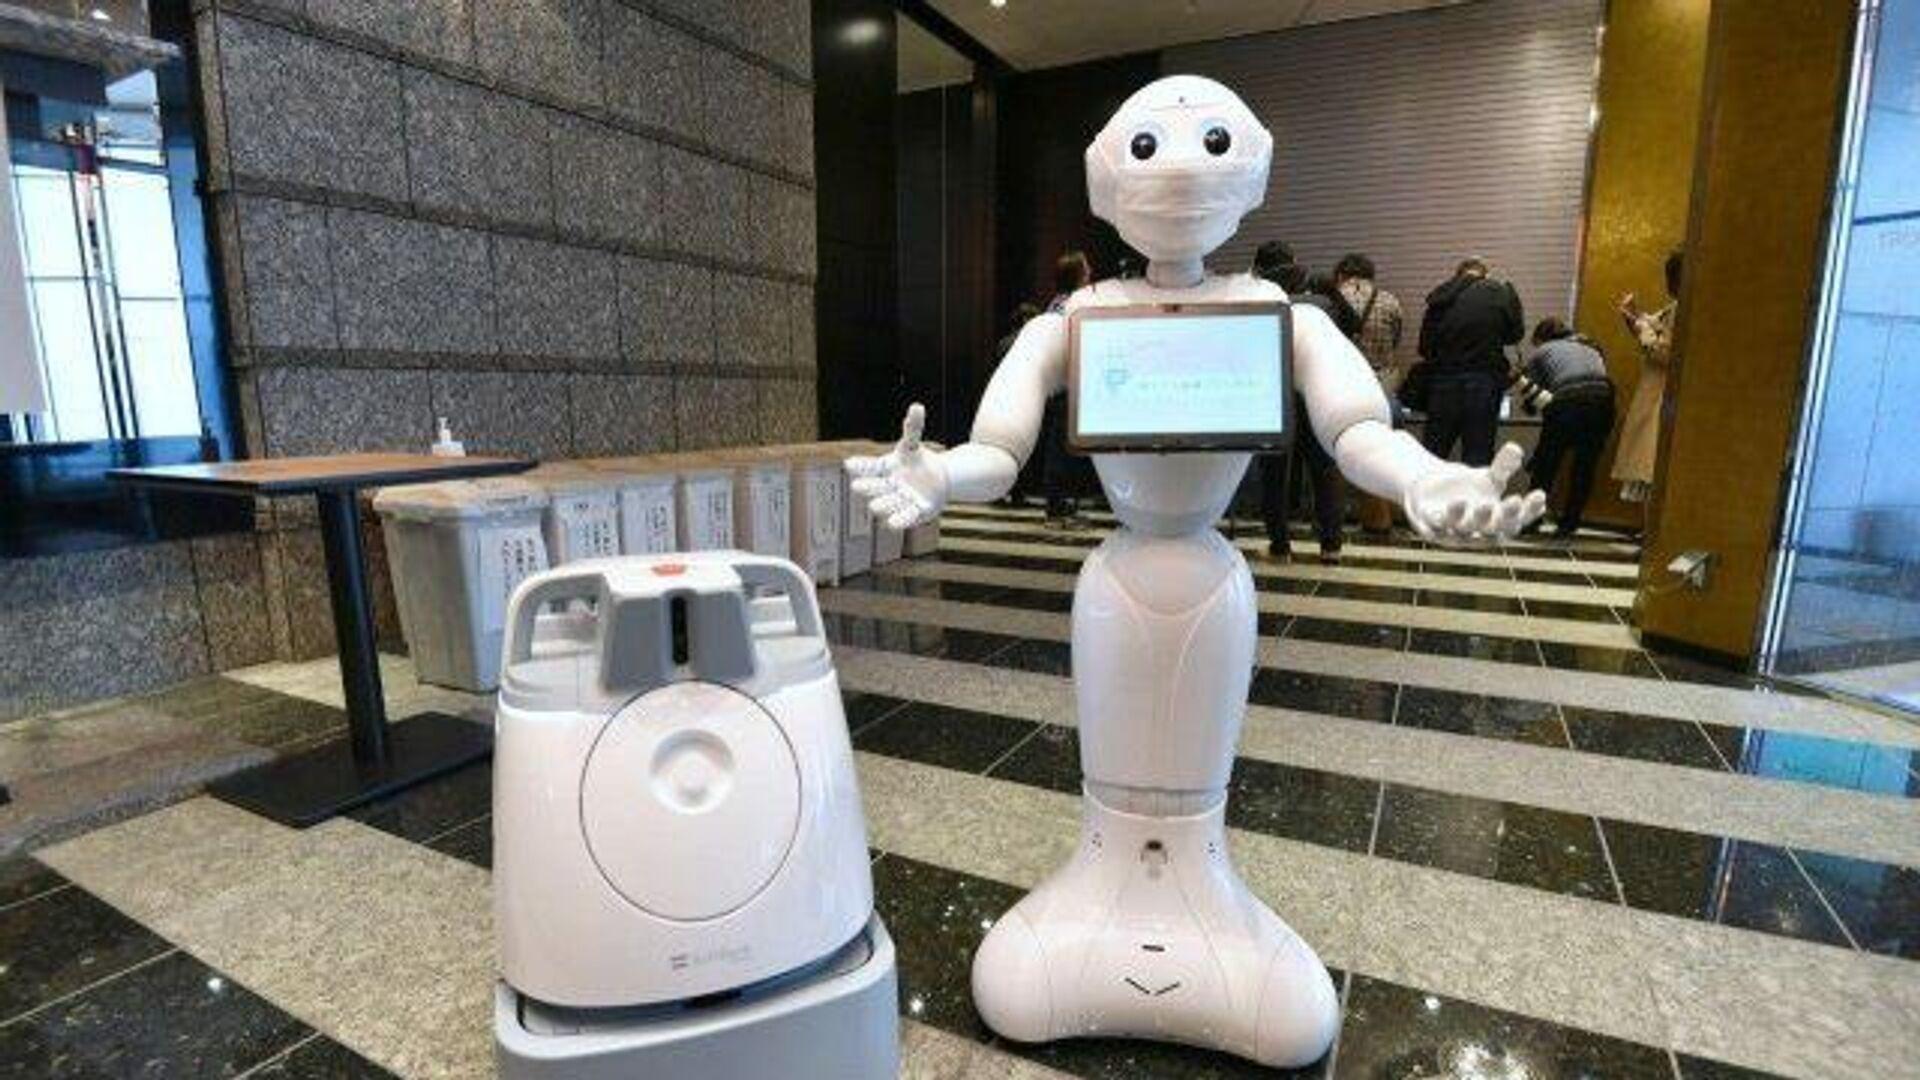 Роботы в Токио обслуживают заболевших коронавирусом - РИА Новости, 1920, 15.05.2020